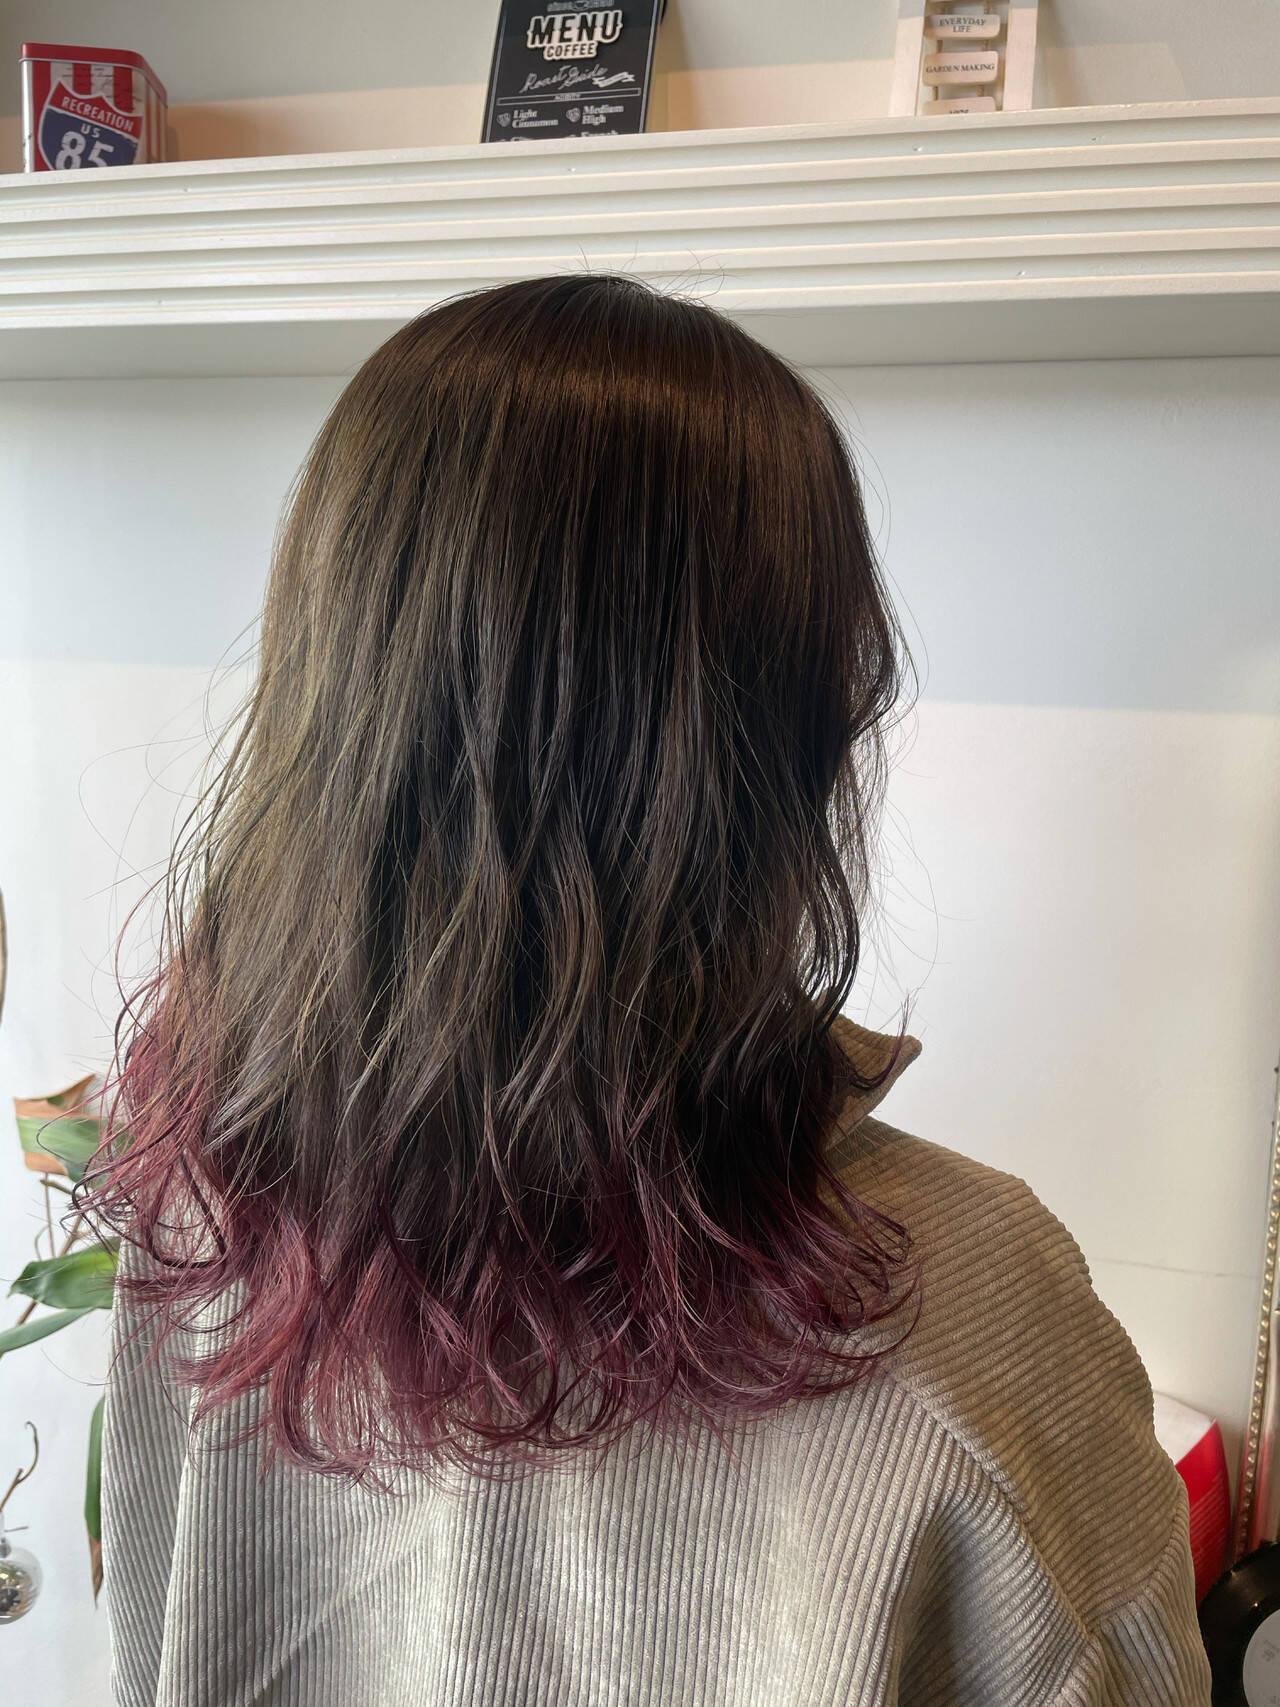 ピンクラベンダー 裾カラー セミロング ブリーチオンカラーヘアスタイルや髪型の写真・画像